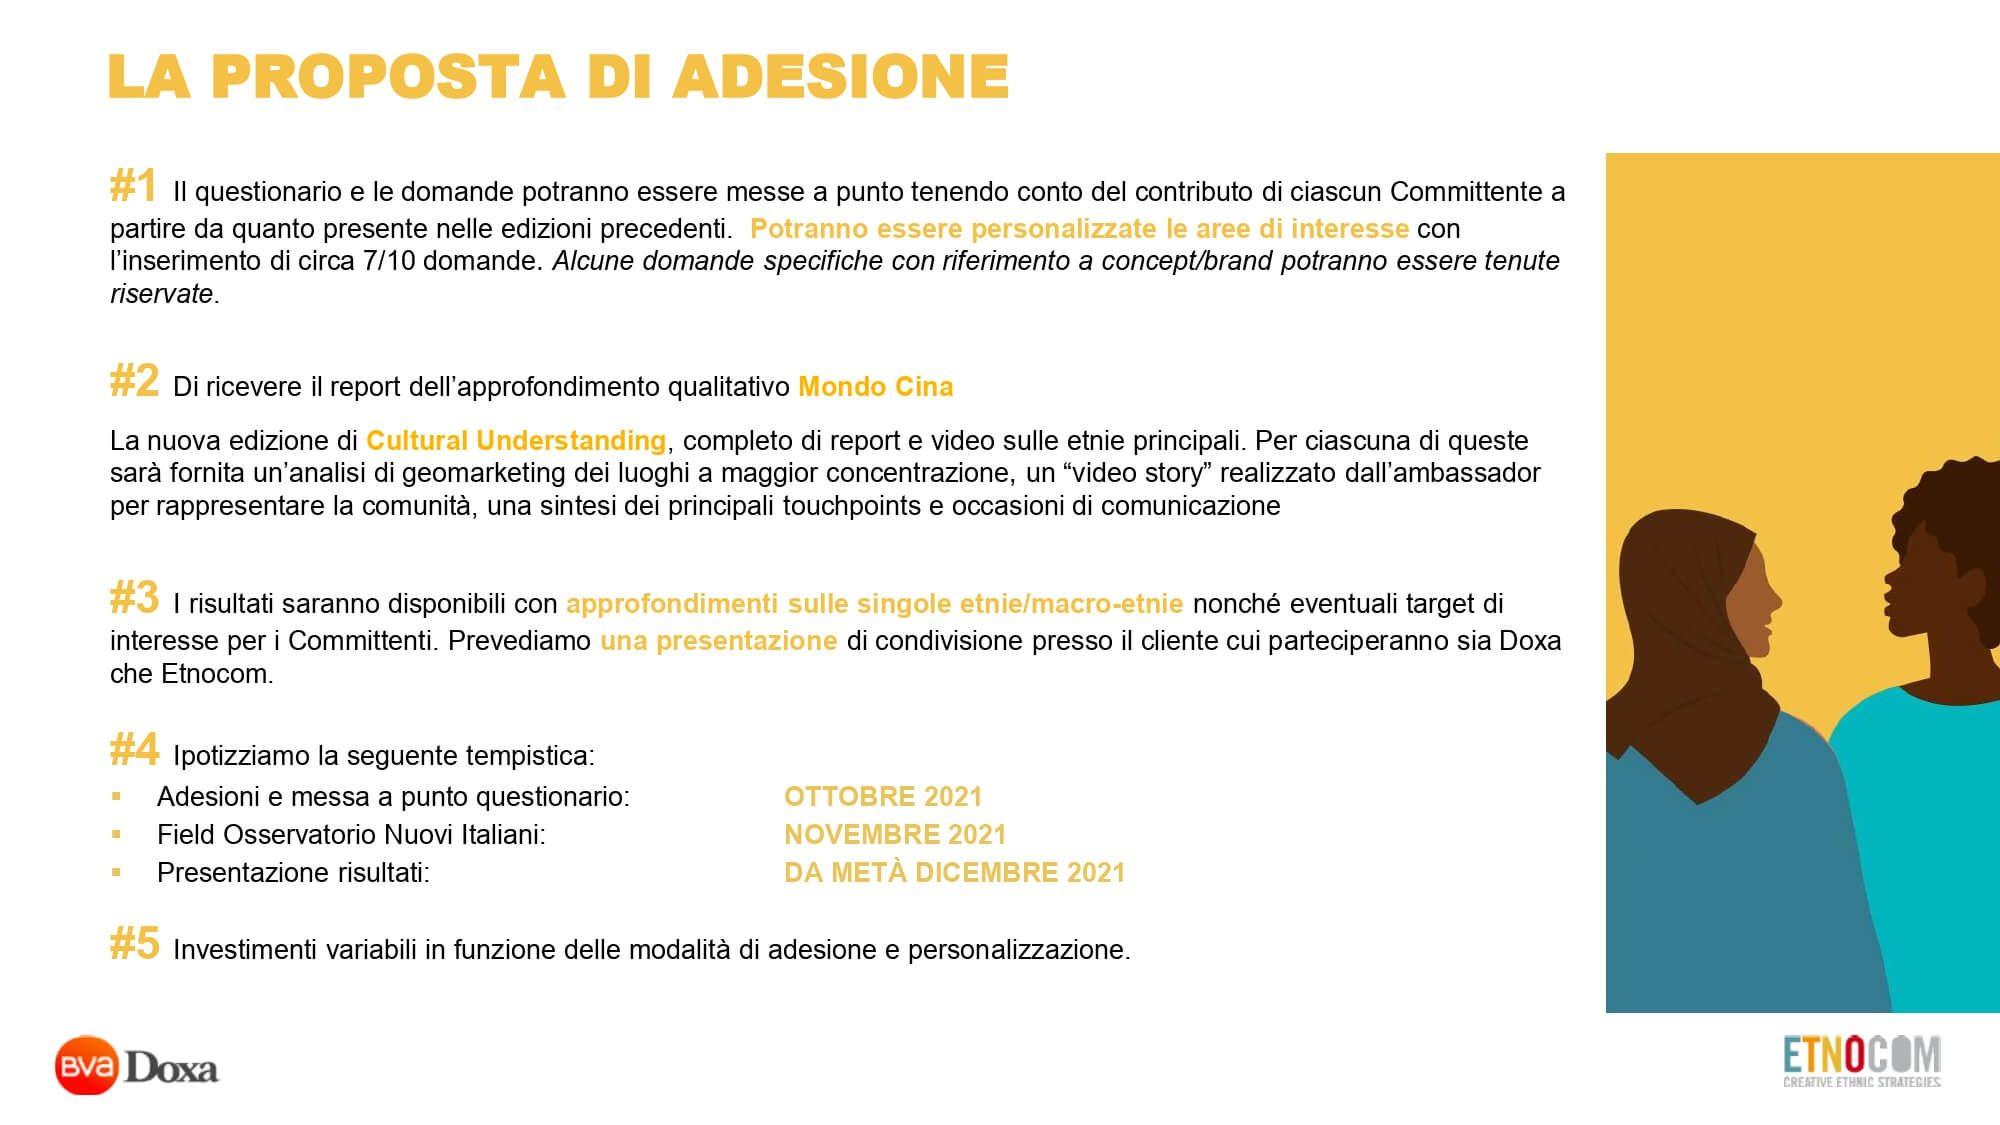 Osservatorio Nuovi Italiani 2021 09